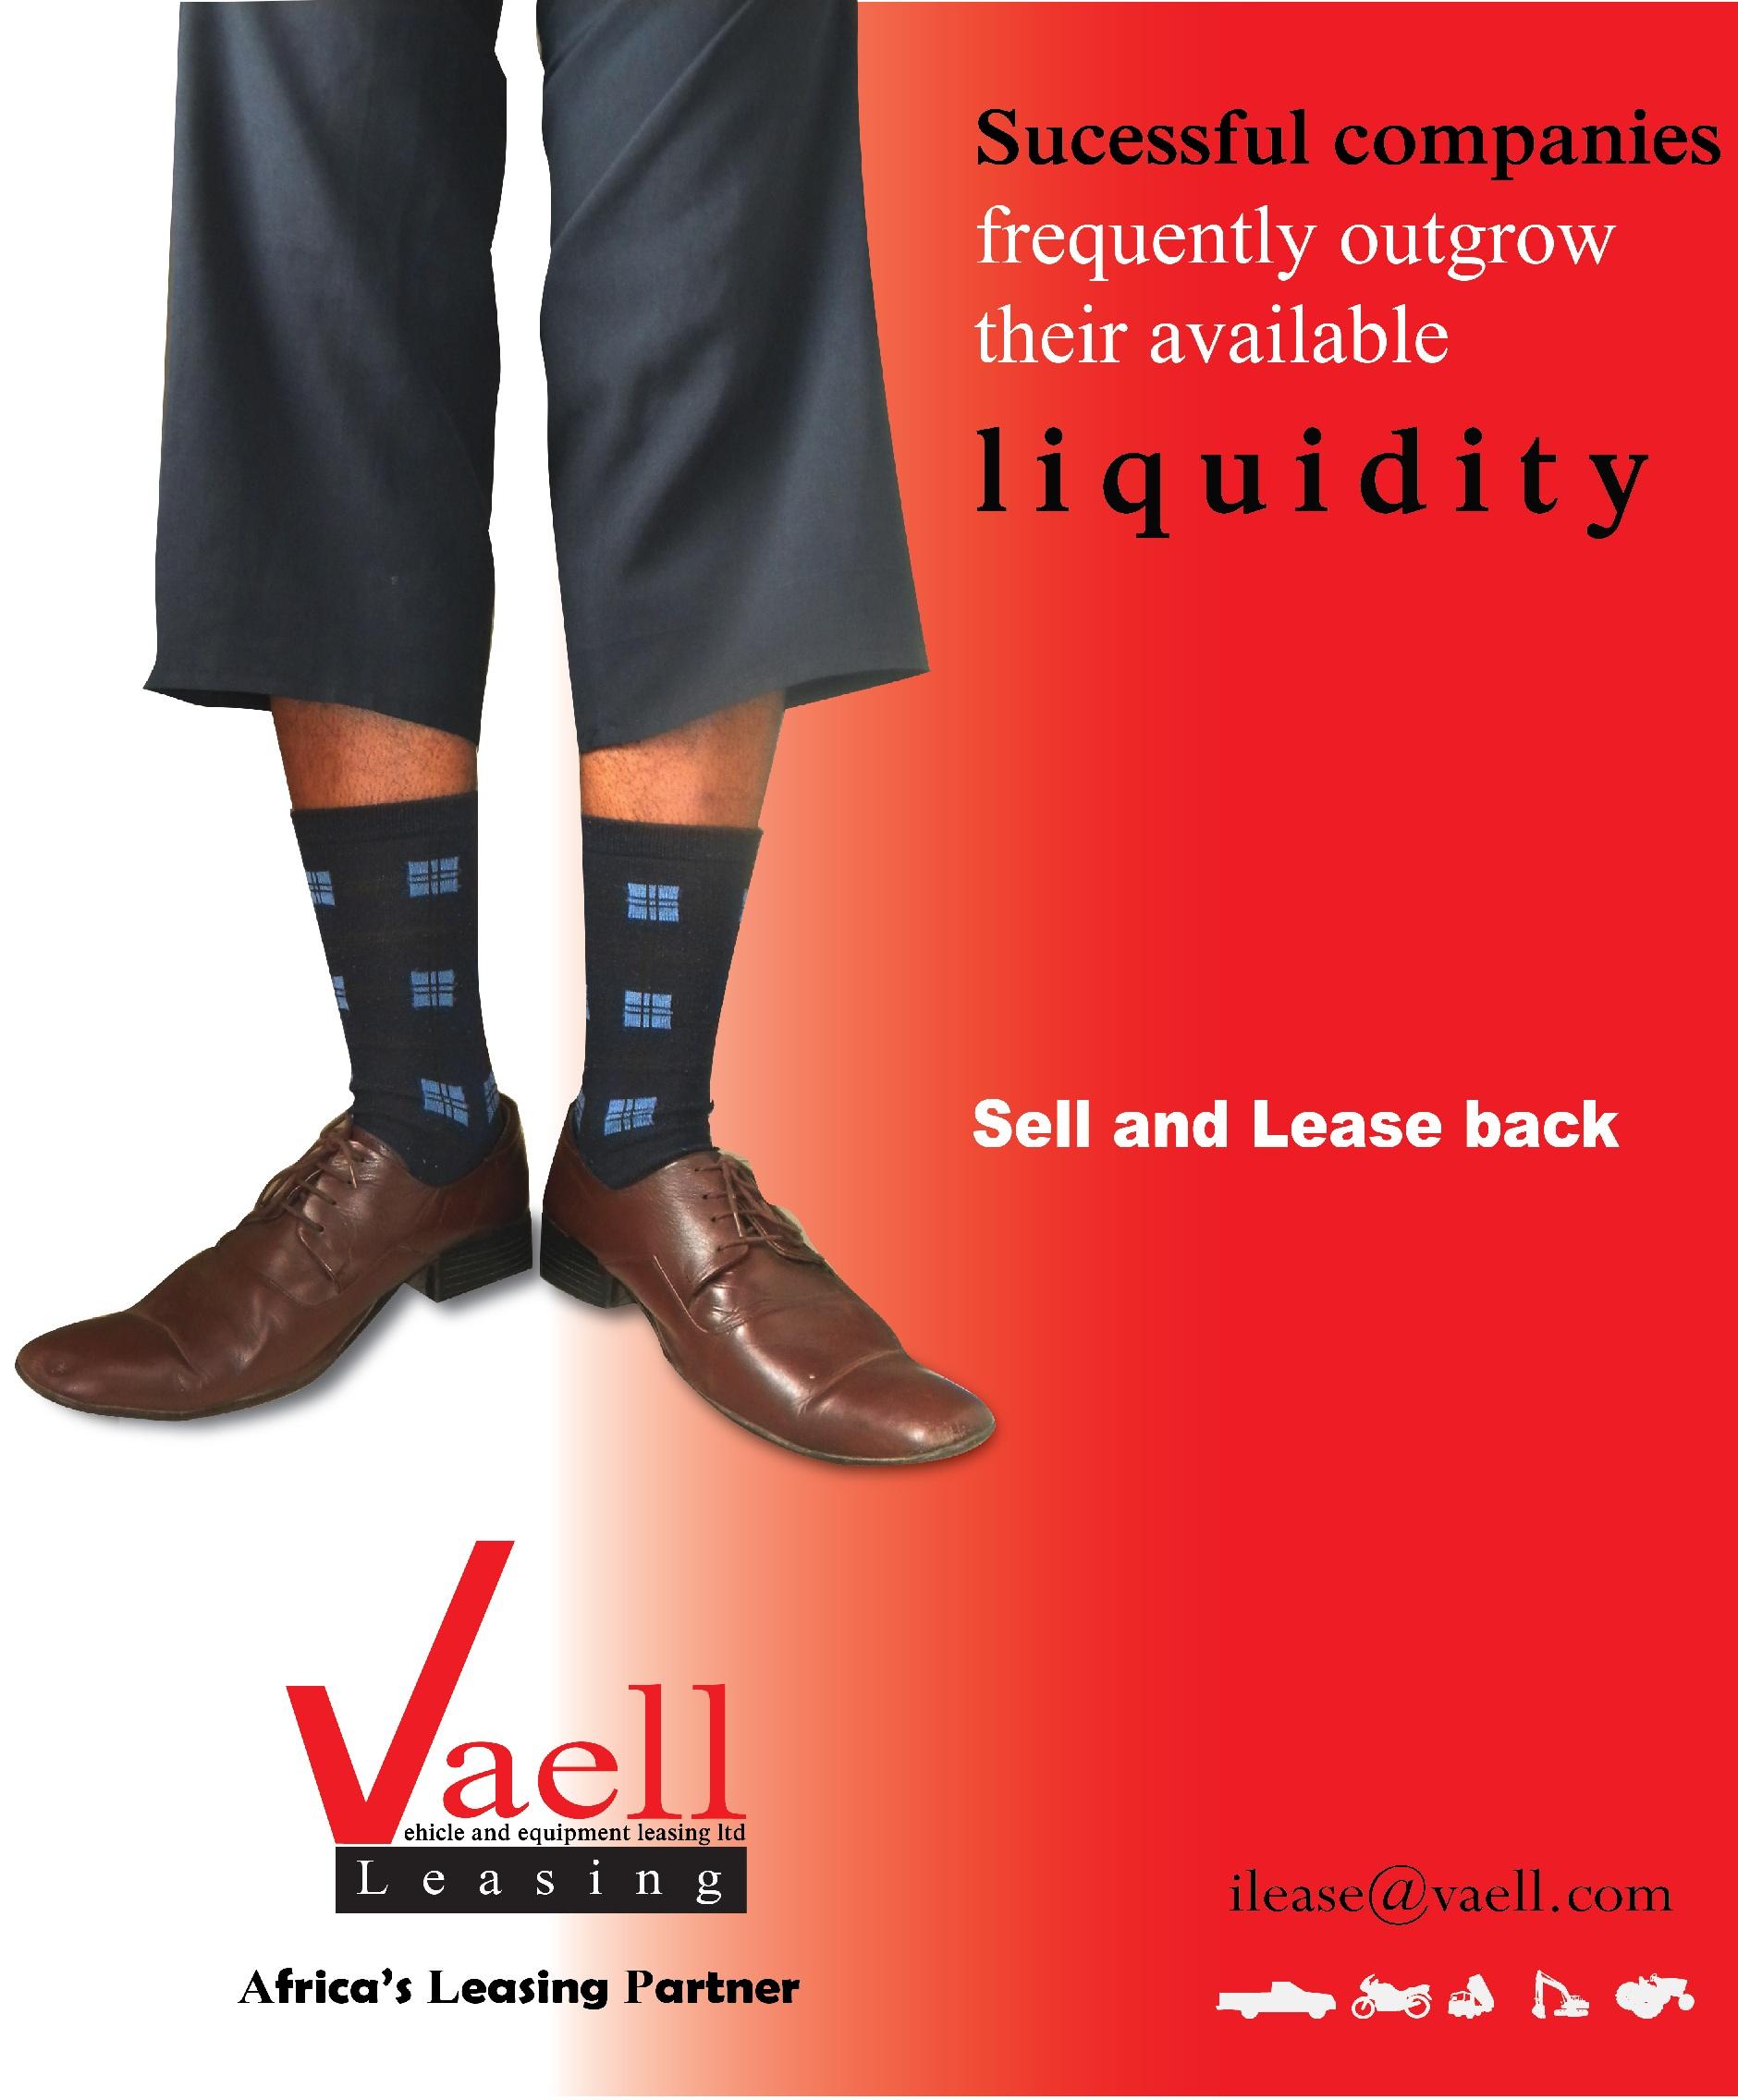 Sell-lease-back-leasing-vaell-kenya-uganda-tanzania-rwanda